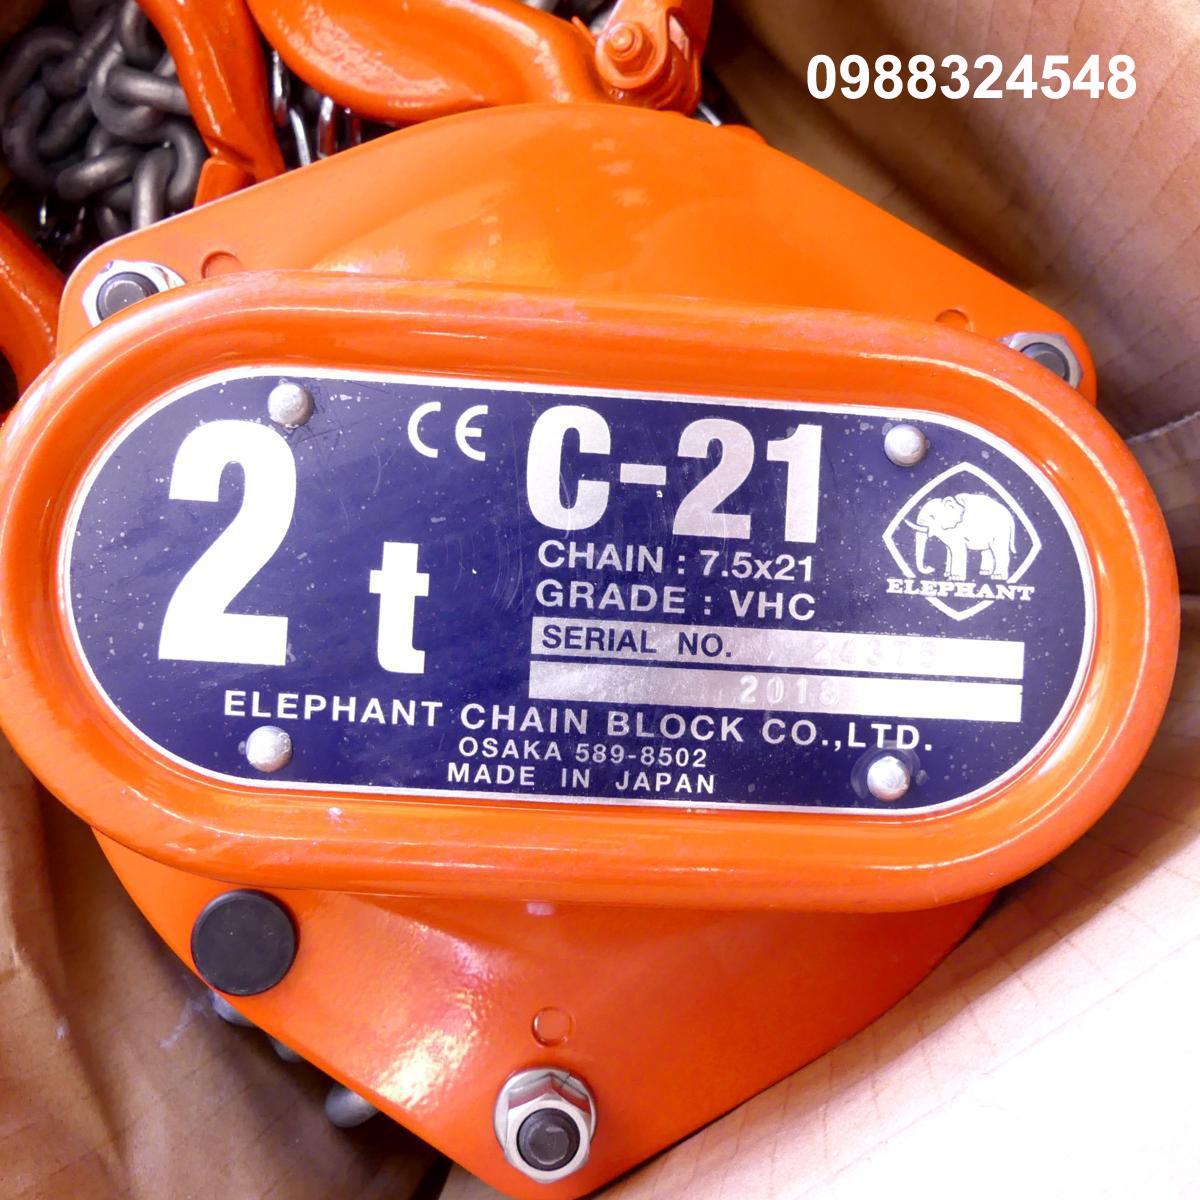 Pa lăng kéo tay Elephant C21-2 2000kg